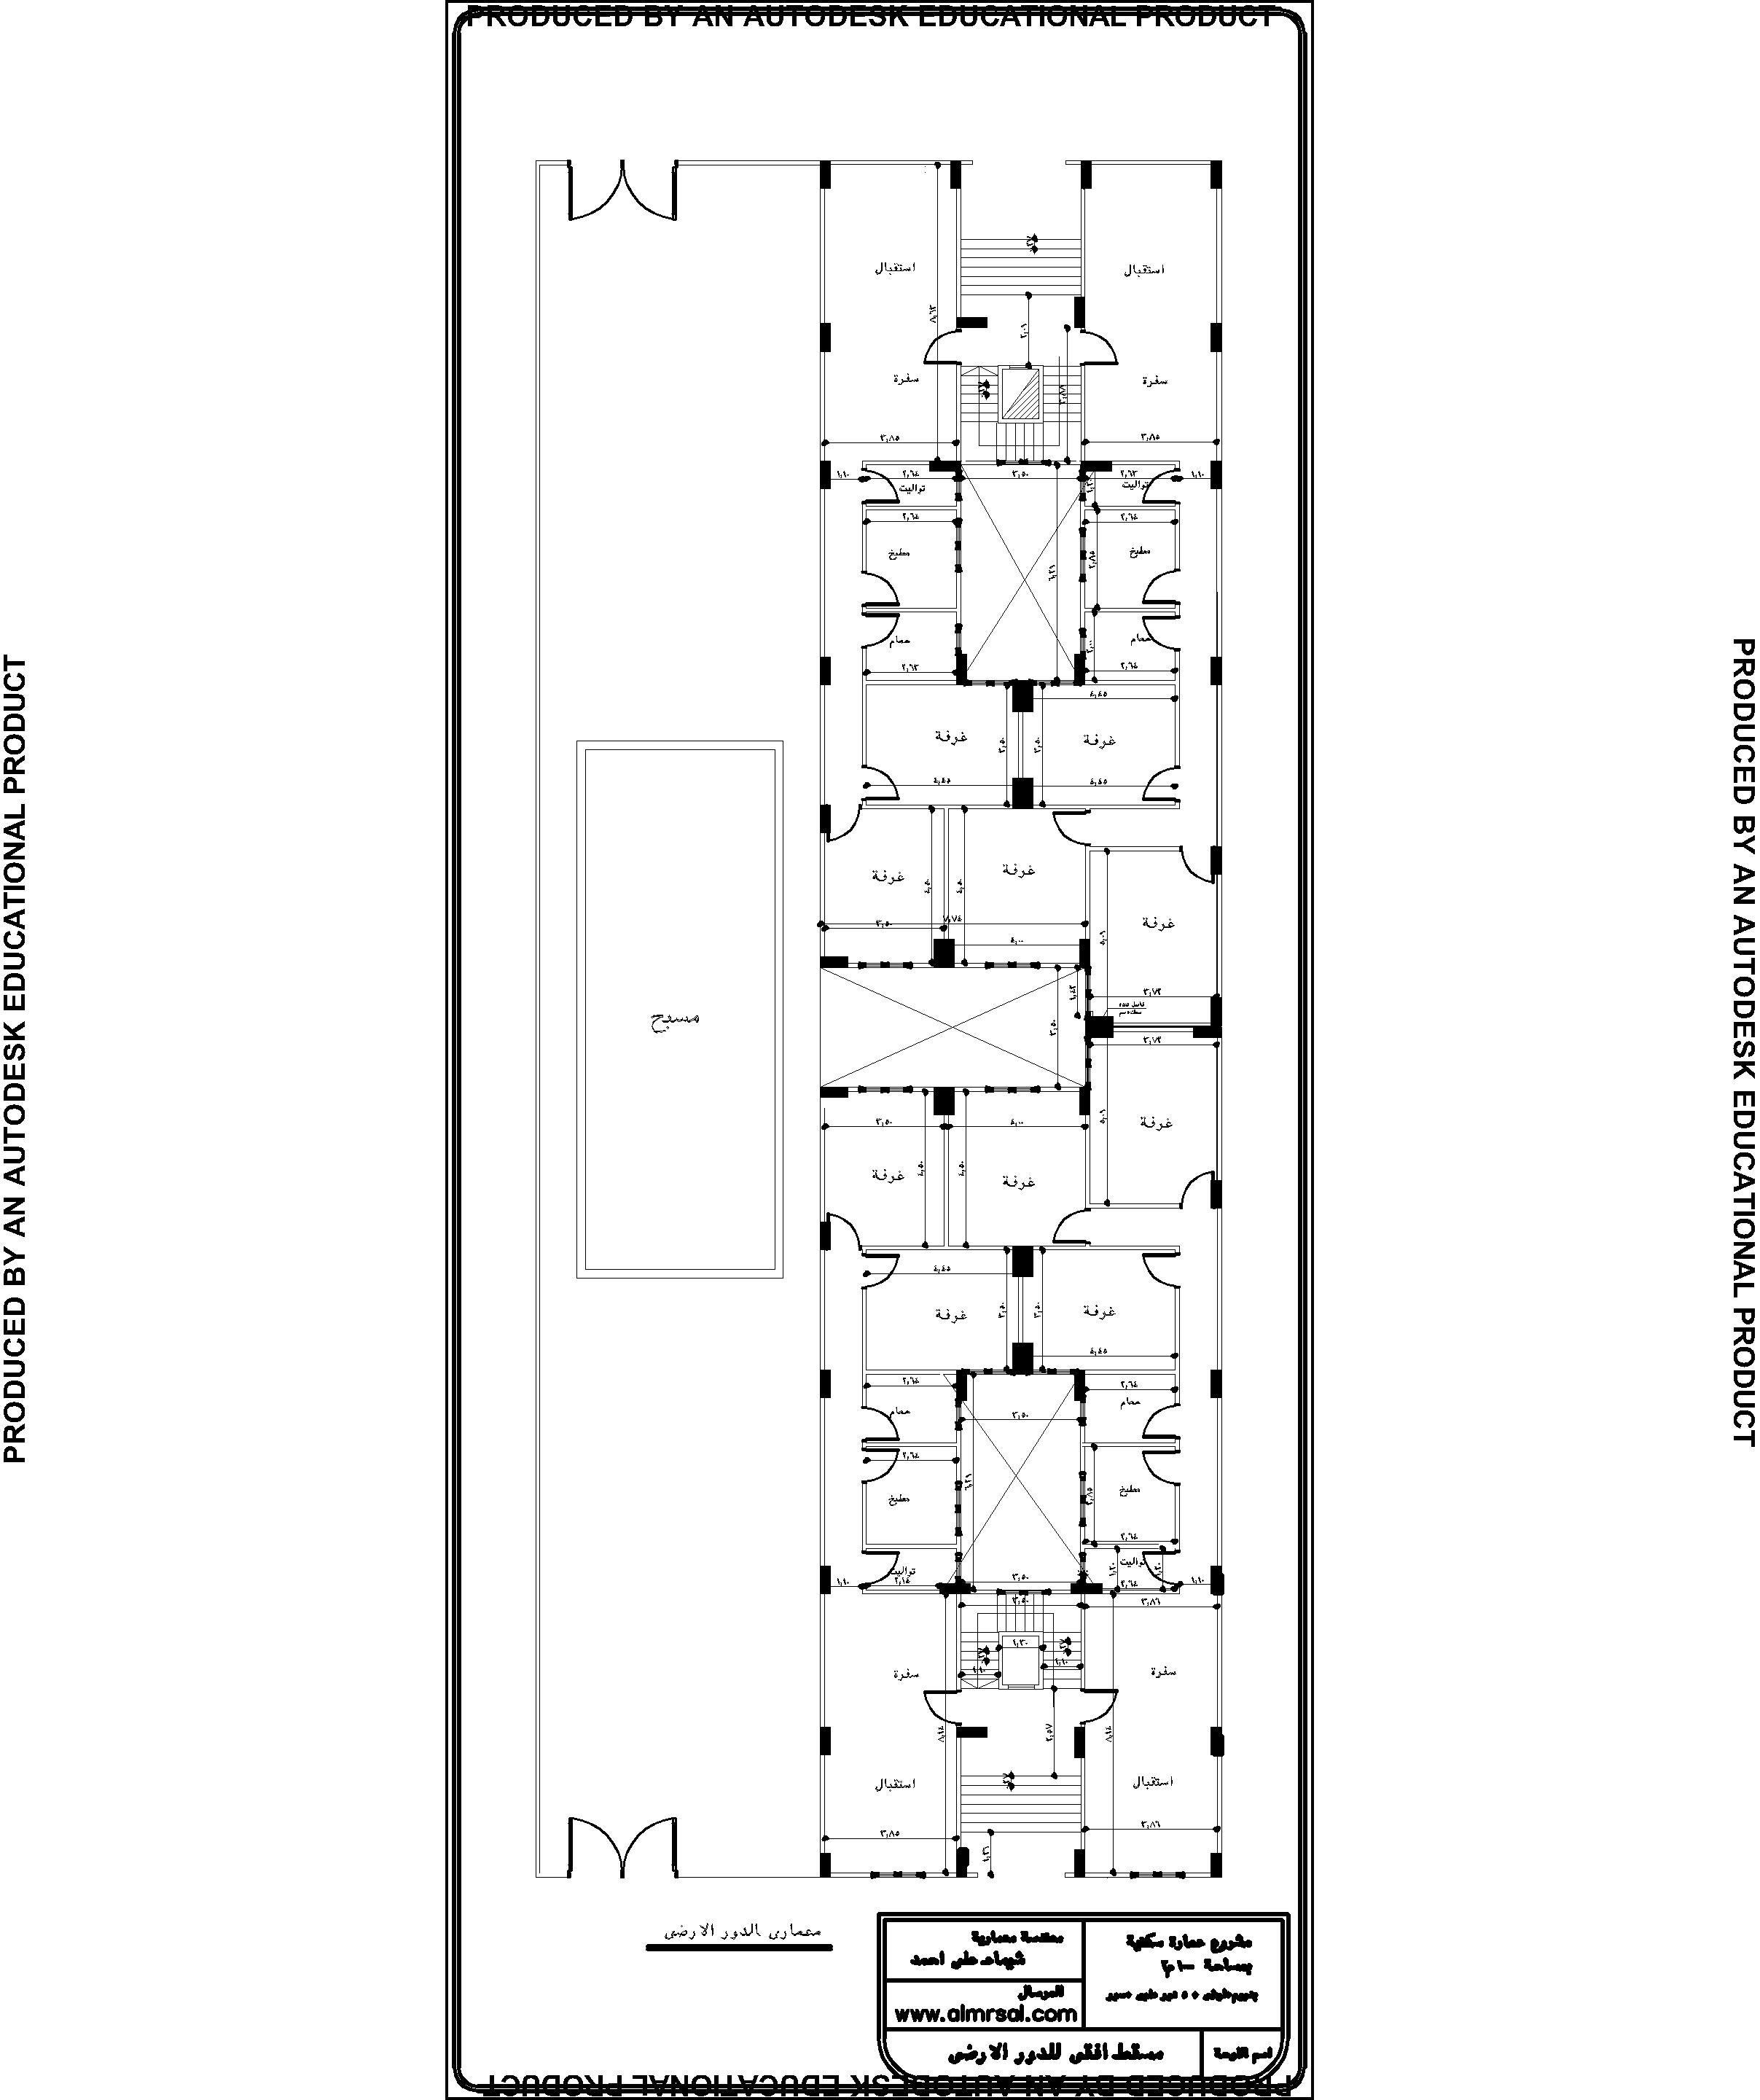 مسقط أفقي للدور الارضي لعمارة سكنية 4 شقق بمدخلين 400م2